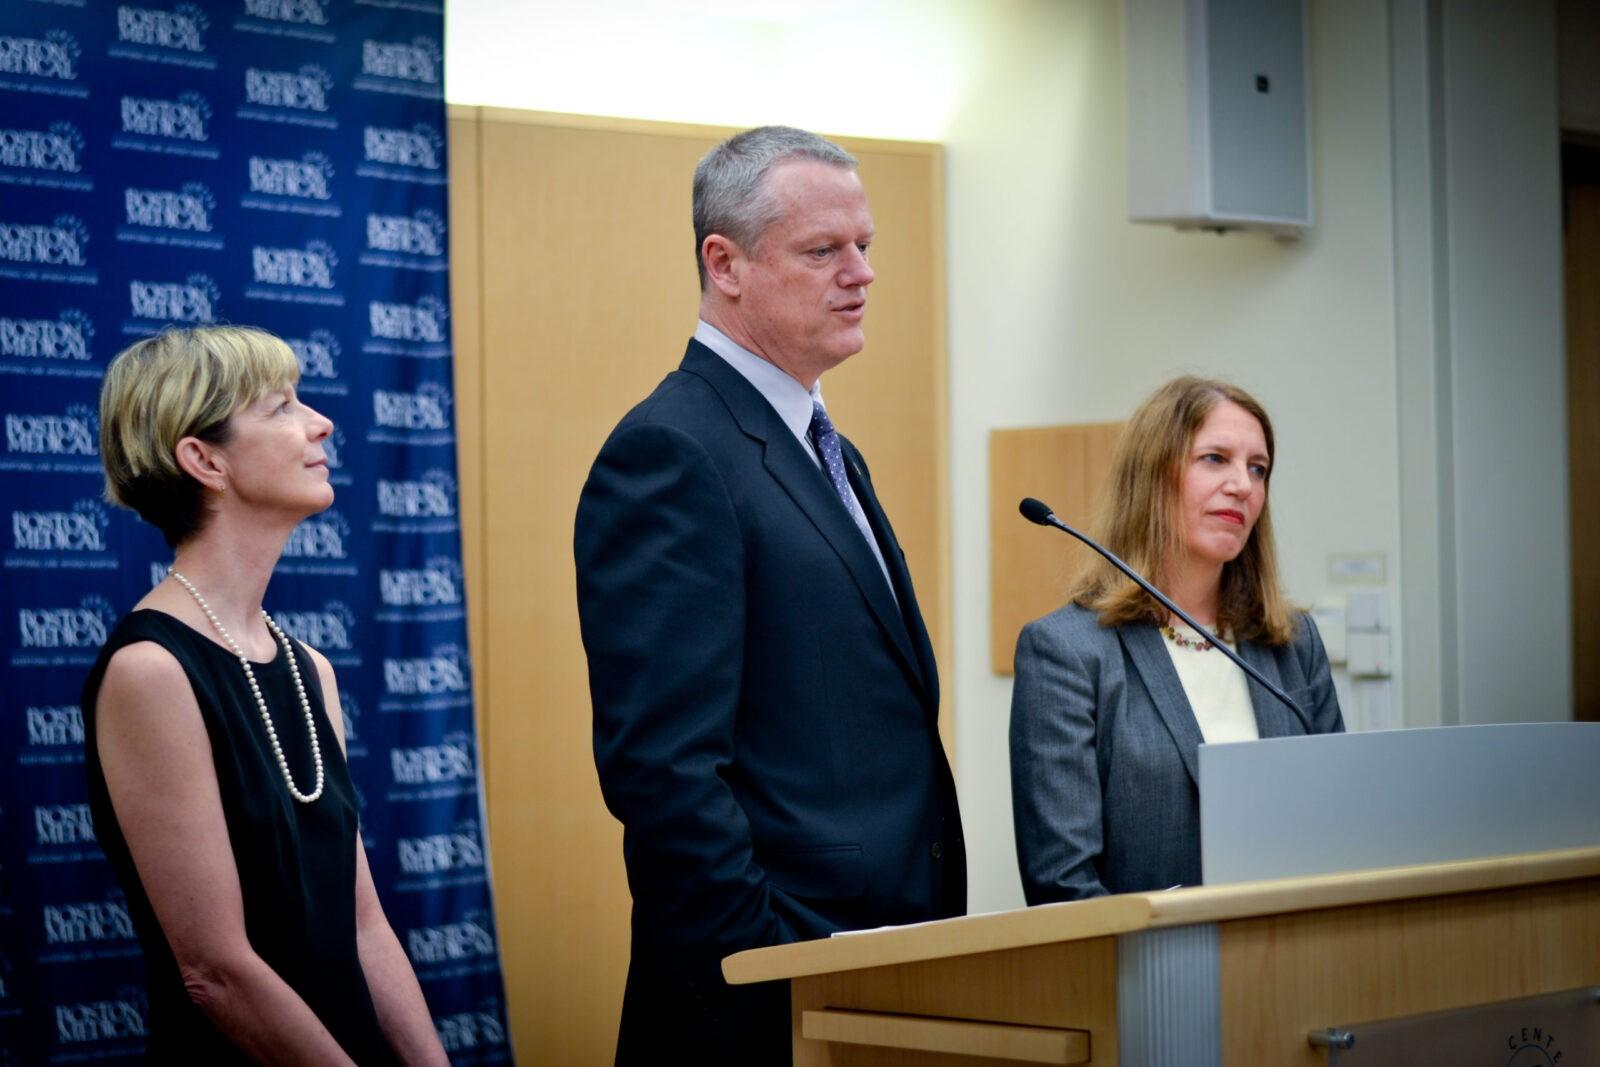 Губернатор Массачусетса выделит 10 миллионов долларов для Фонда содействия малого бизнеса